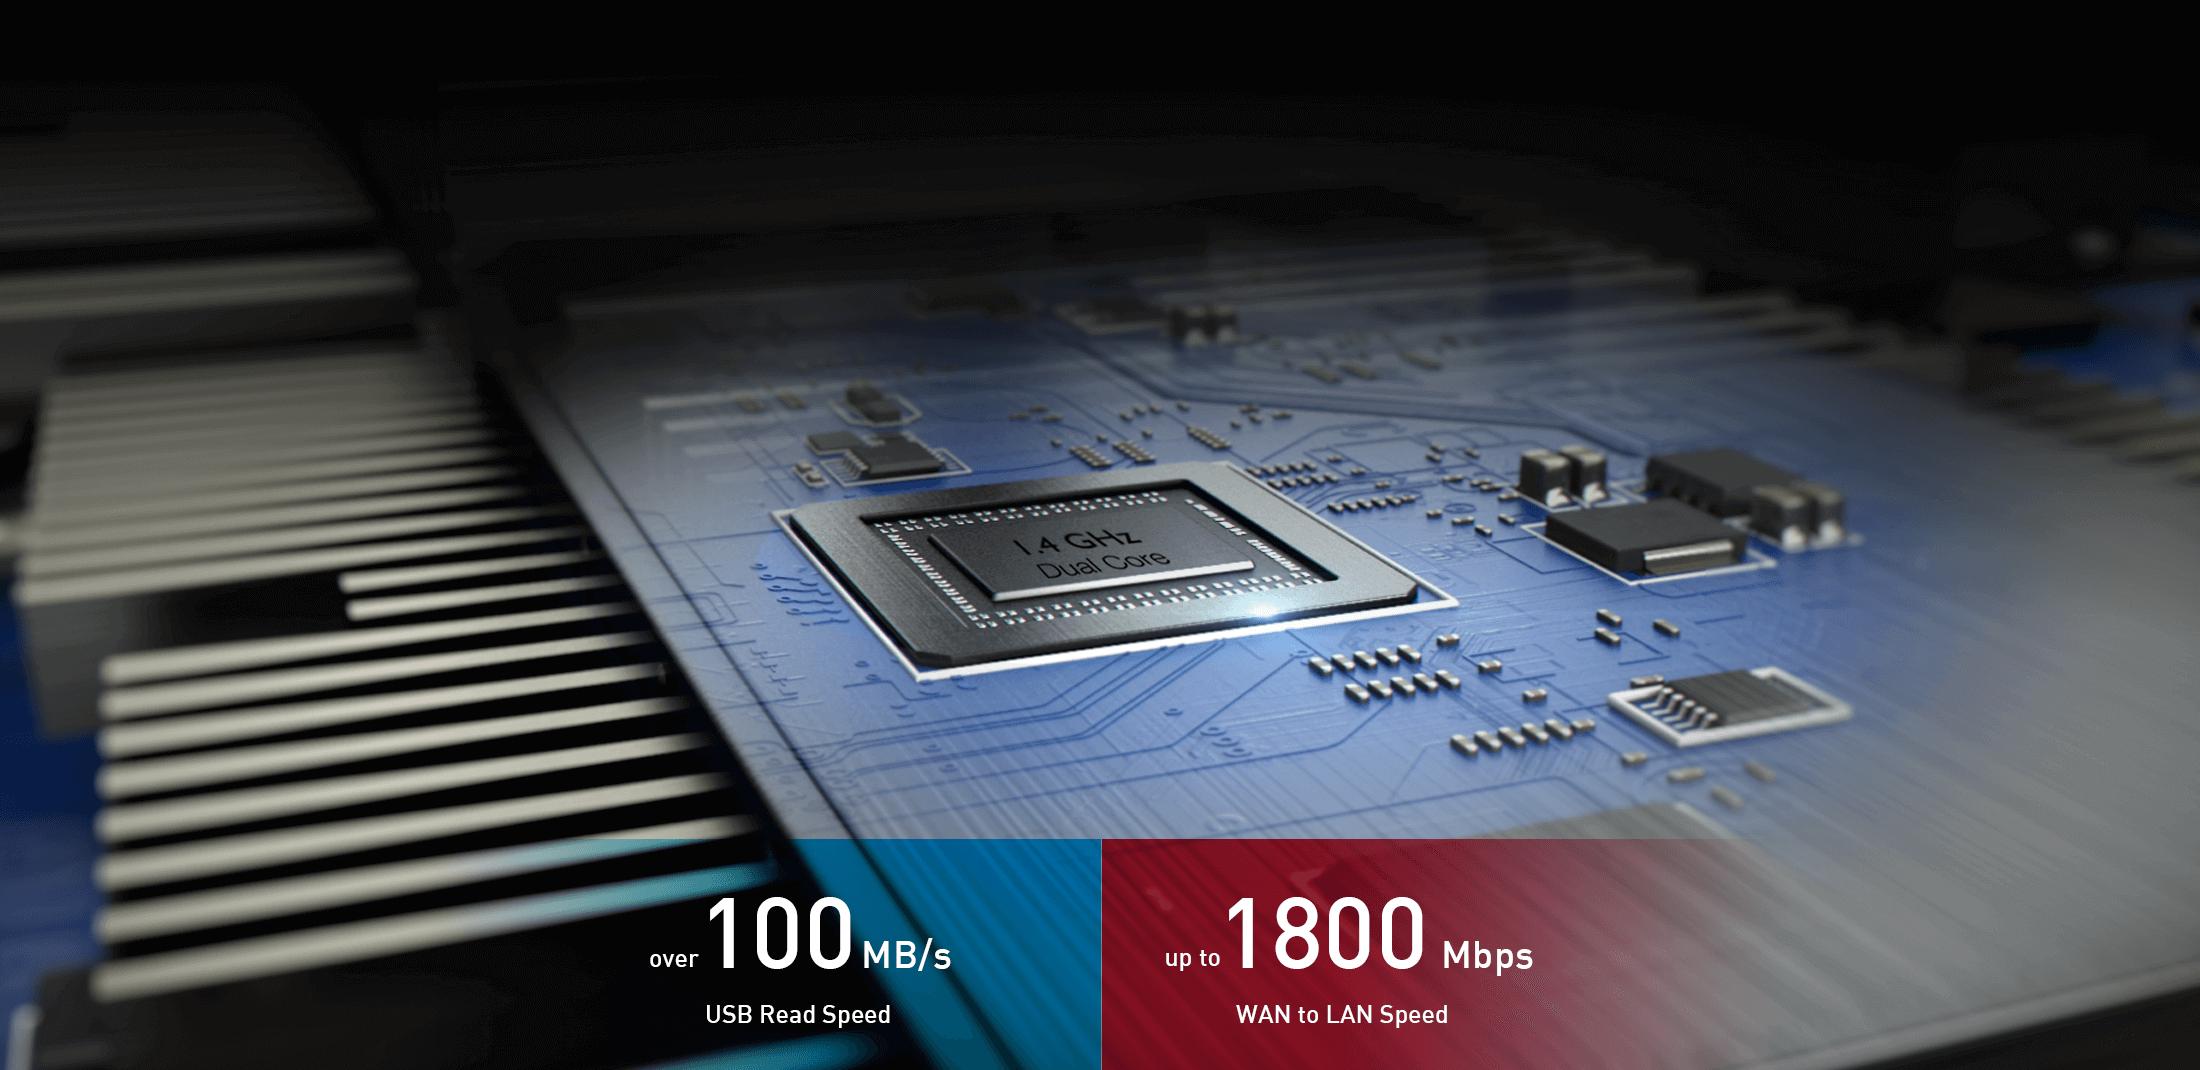 Processeur dual-core à 1,4 GHz pour des débits de transferts ultra-rapides